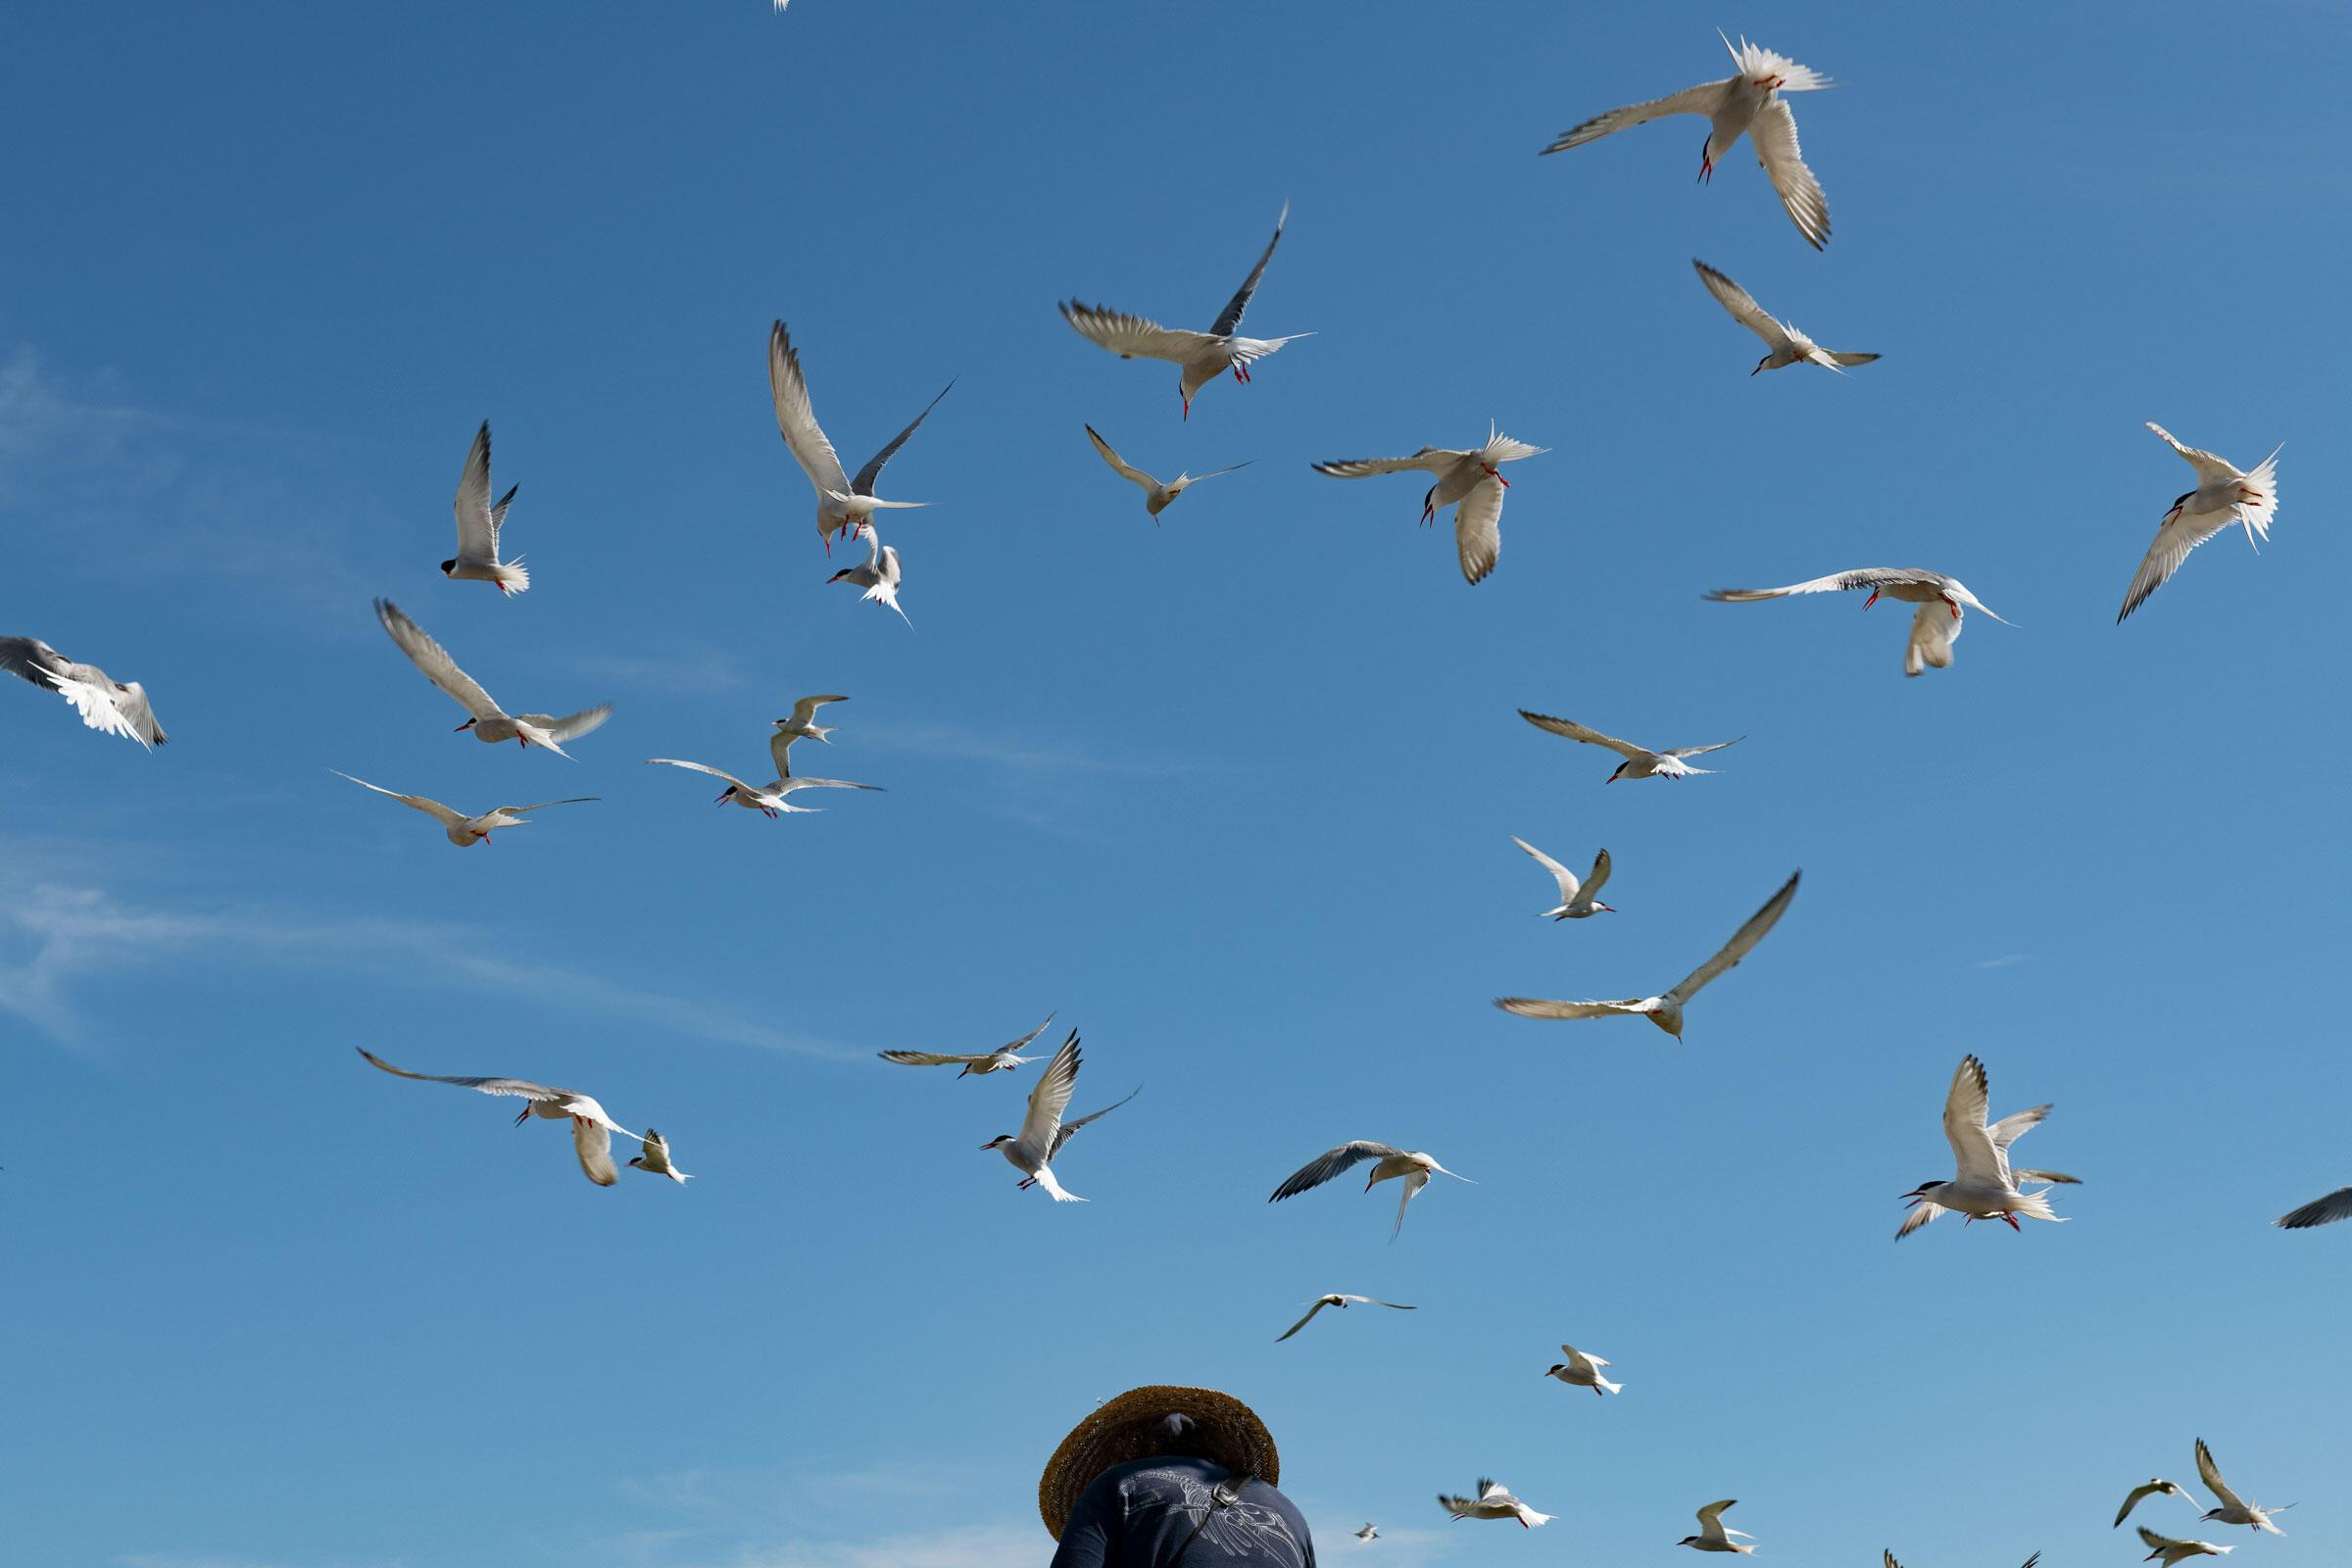 Mobbing terns. Chris Linder